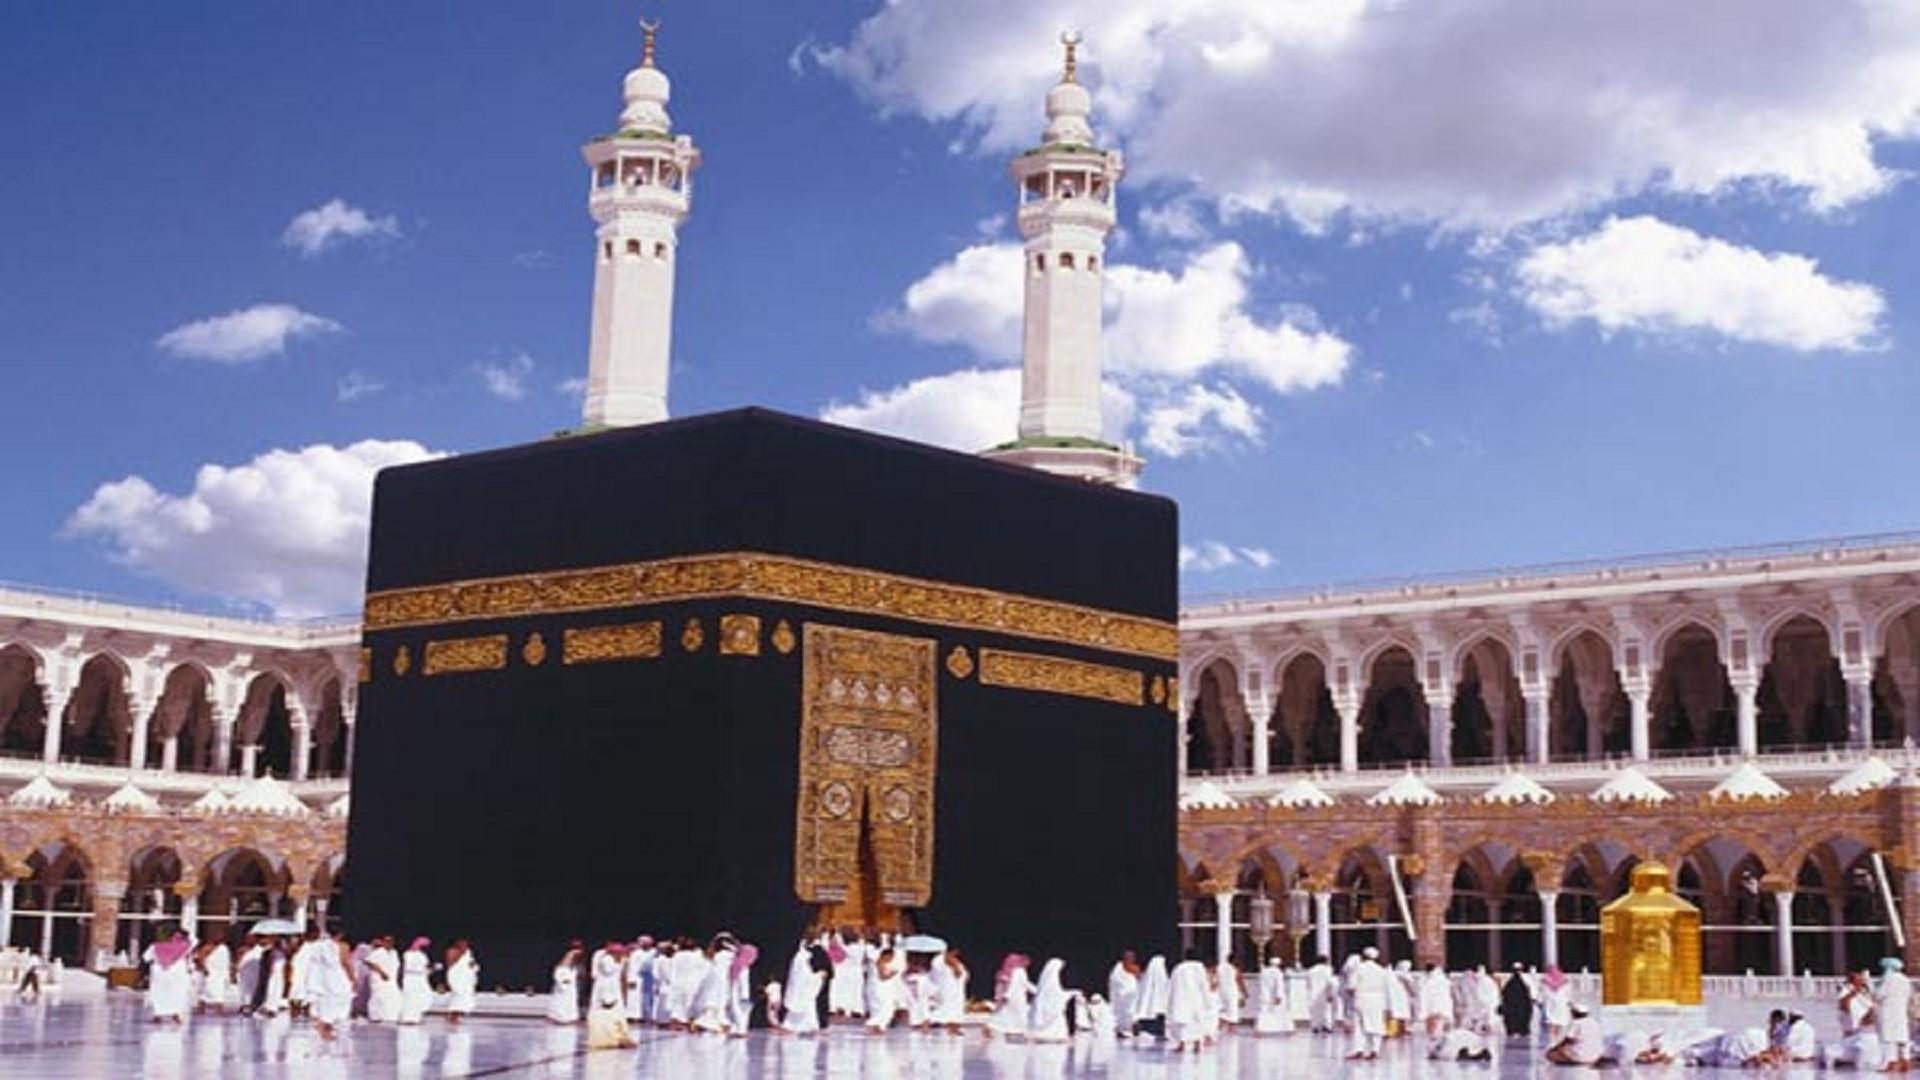 Makkah Wallpaper (56+ Images